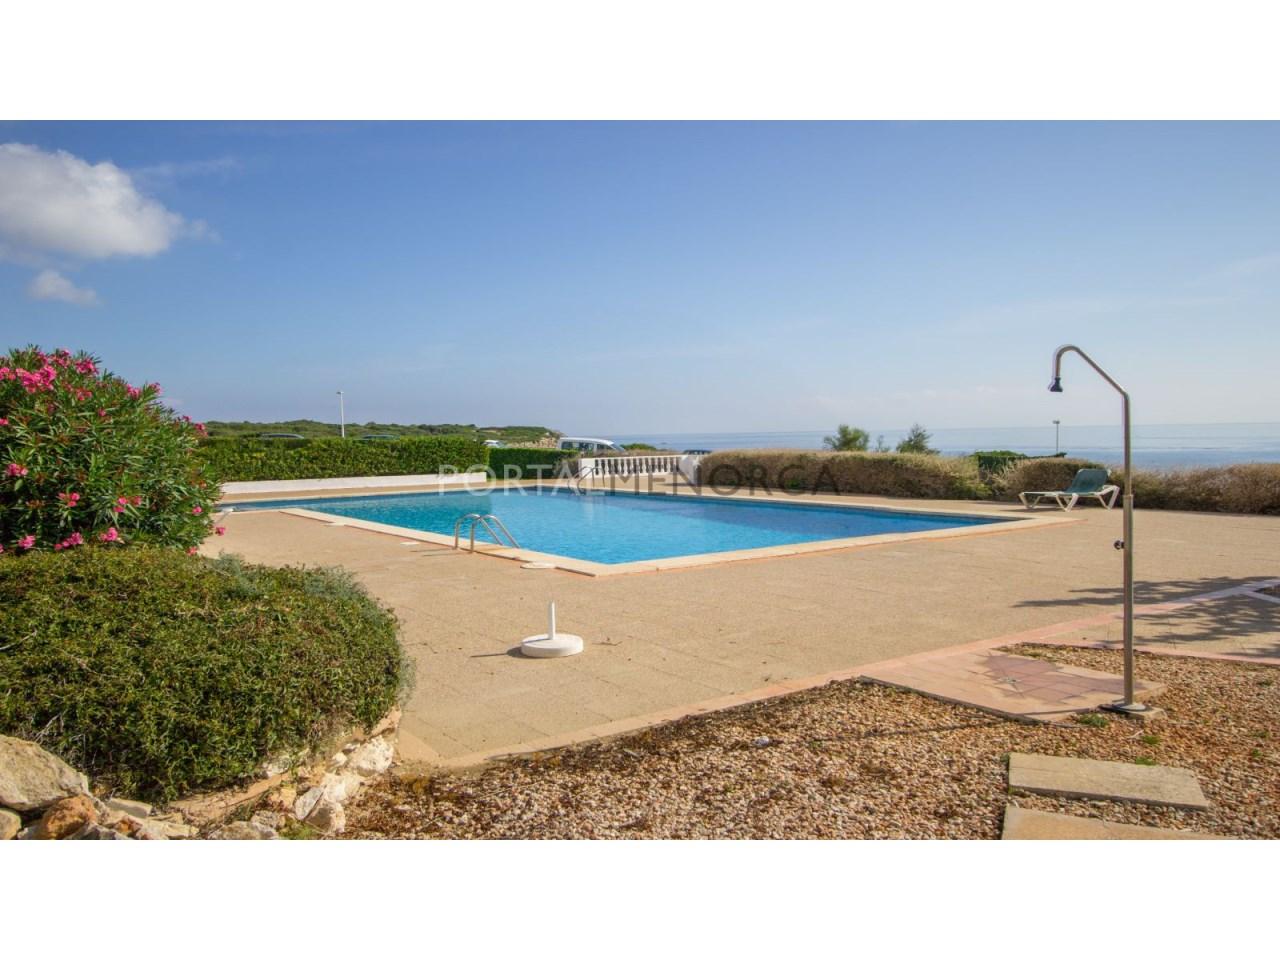 Parcela con proyecto de construcción y piscina comunitaria en venta en S'Algar